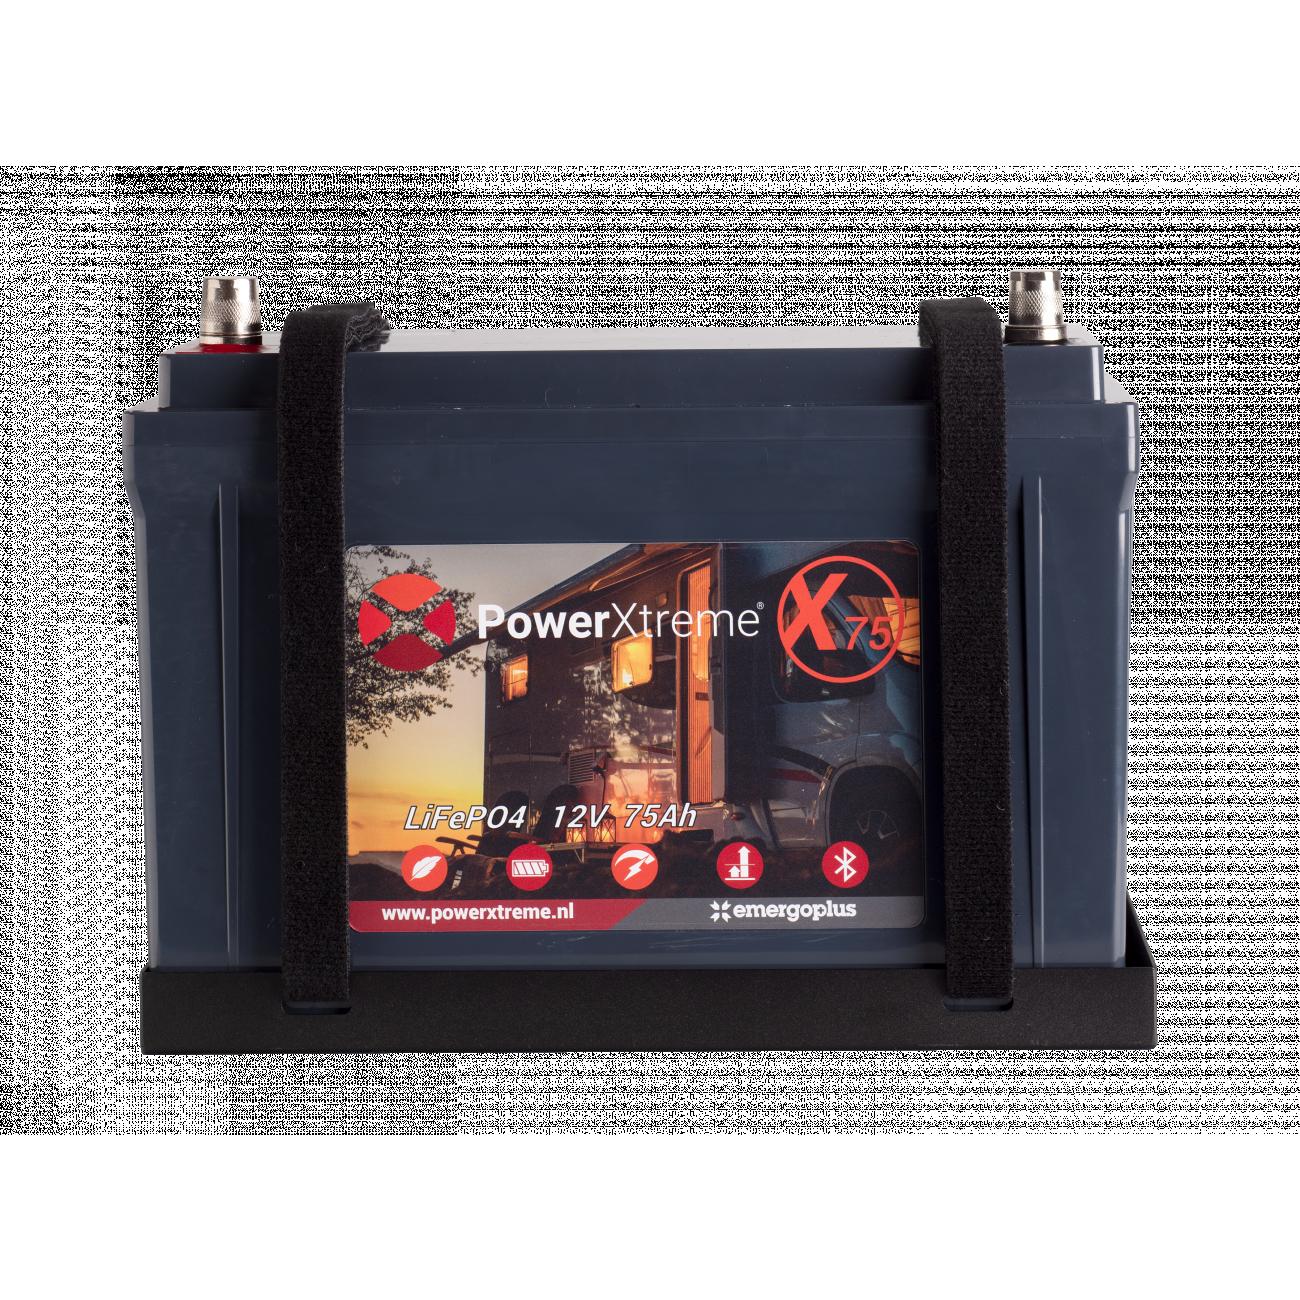 PowerXtreme X75